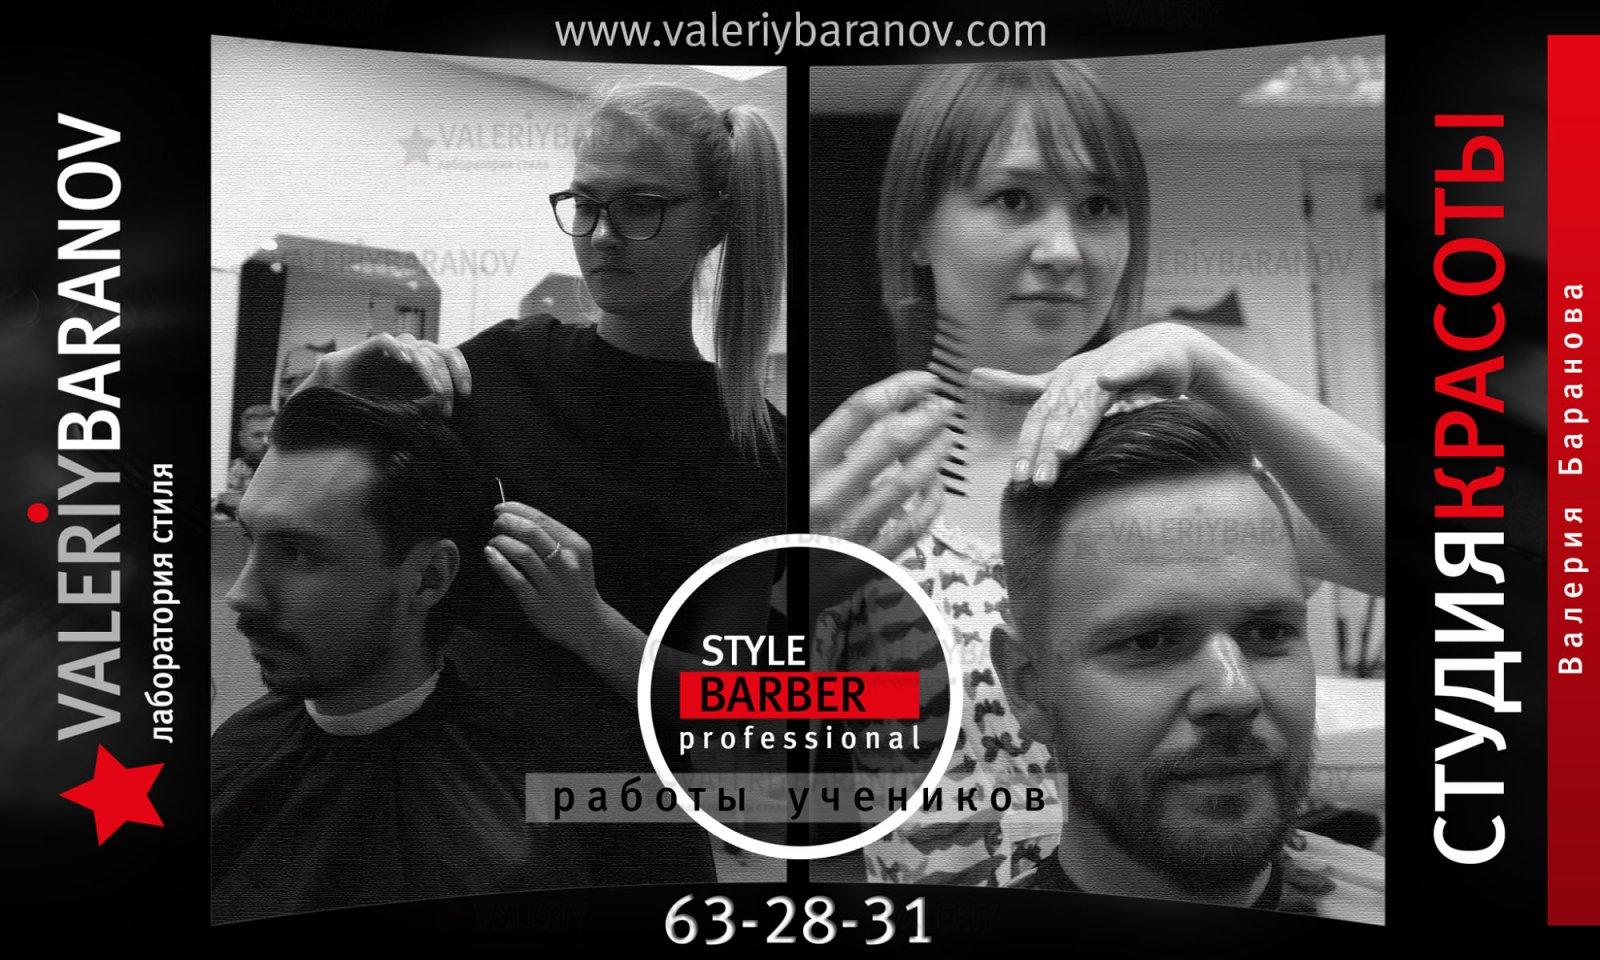 Лаборатория стиля Валерия Баранова: барберинг в Тольятти